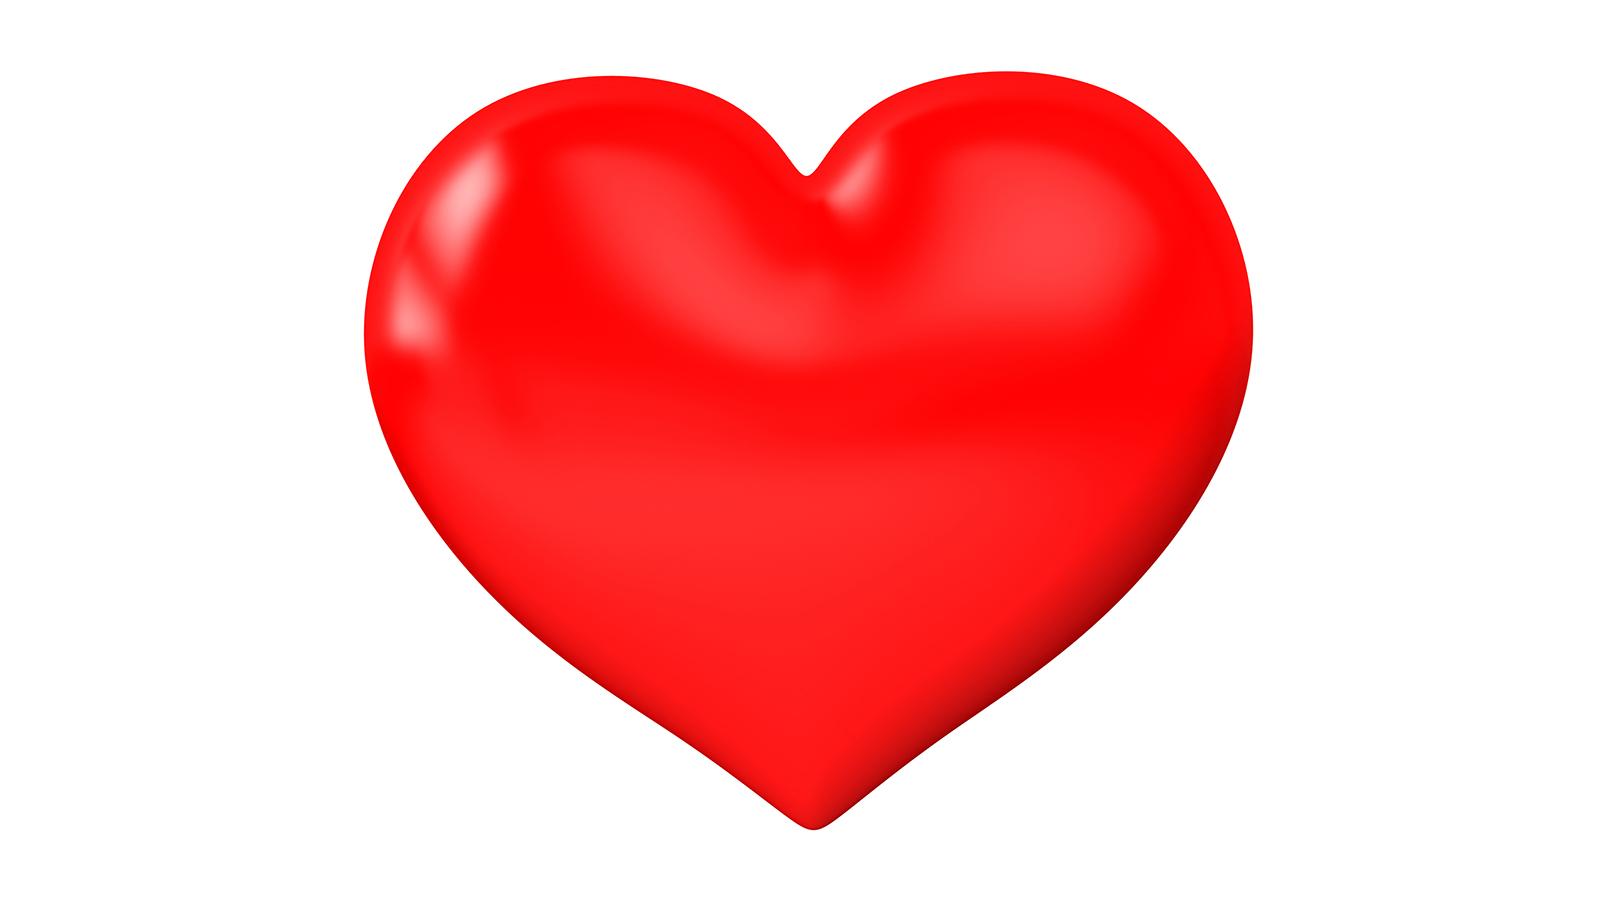 heart.ngsversion.1396531395268.jpg